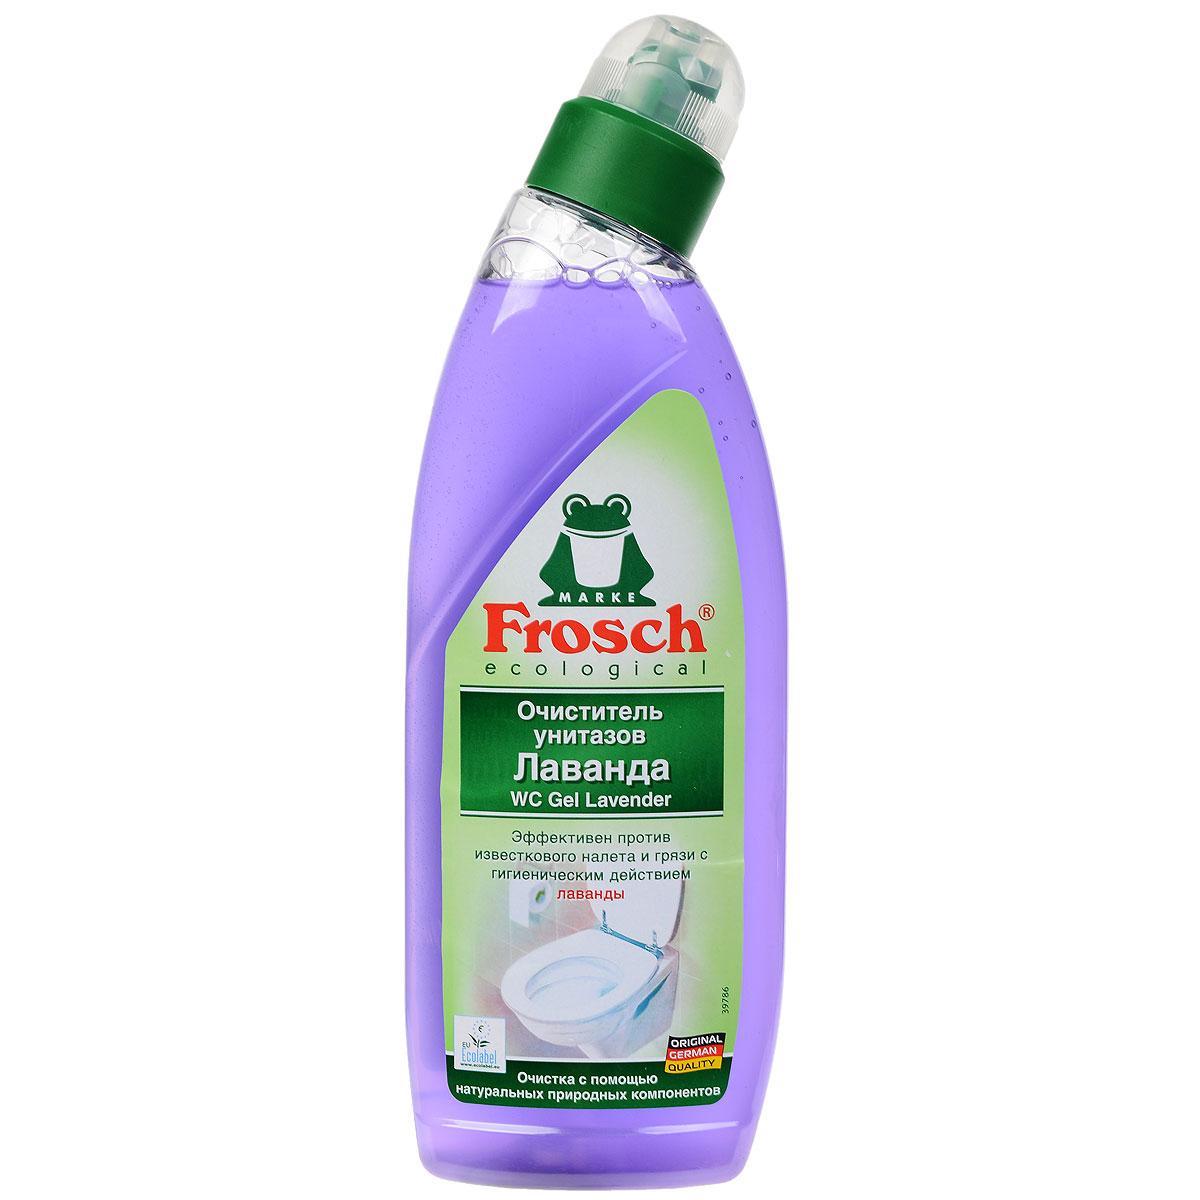 Очиститель для унитазов Frosch, с ароматом лаванды, 750 мл701835Чистящее средство Frosch предназначено для чистки унитазов. Очиститель удаляет естественным образом известь, мочевой камень, грязь с унитаза, благодаря лавандовому экстракту, обладающему гигиеническим действием, и натуральных (фруктовых) кислот. Удобный наклон дозатора позволяет легко наносить гель под кромку унитаза. Очиститель удаляет неприятные запахи и оставляет чистоту и свежий аромат цветков лаванды. Торговая марка Frosch специализируется на выпуске экологически чистой бытовой химии. Для изготовления своей продукции Frosch использует натуральные природные компоненты. Ассортимент содержит все необходимое для бережного ухода за домом и вещами. Продукция эффективно удаляет загрязнения, оберегает кожу рук и безопасна для окружающей среды. Товар сертифицирован. Состав: менее 5% анионные ПАВ, ароматизирующие добавки, лавандовое масло, лимонная кислота, загустители, косметические красители. Объем: 750 мл.